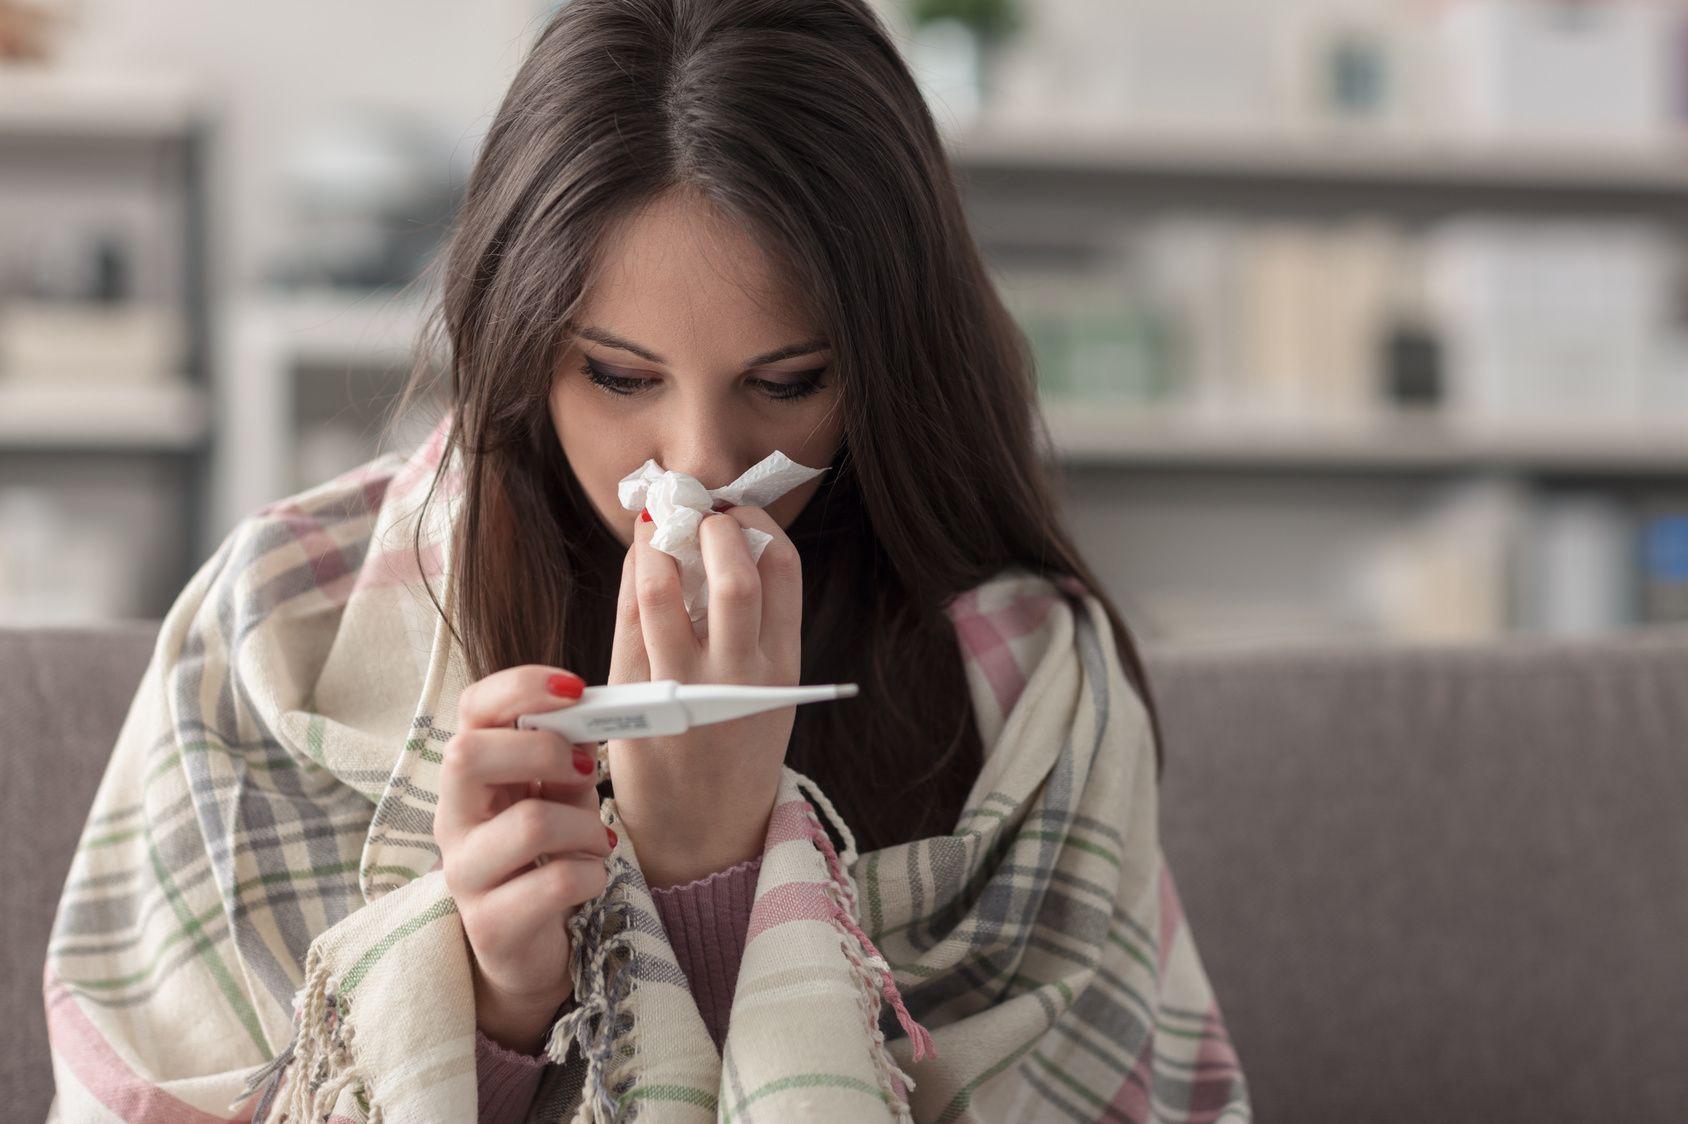 Cẩn thận với 5 vấn đề sức khỏe thường gặp khi thời tiết chuyển hè sang thu - Ảnh 4.